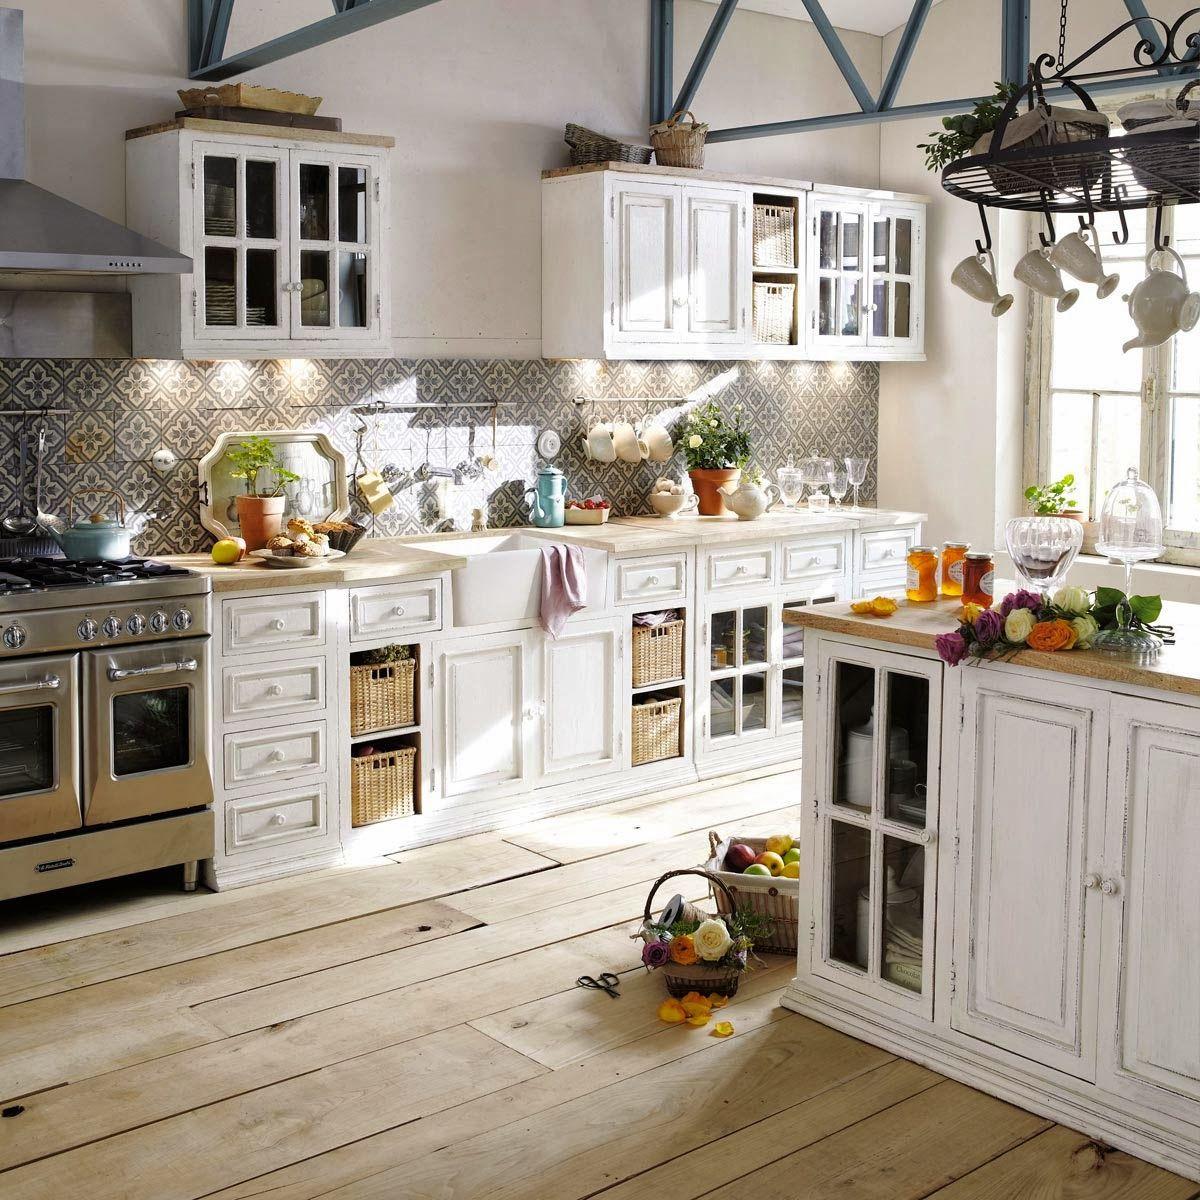 Keltainen talo rannalla: Vintagea, rustiikkia ja keittiöitä ...